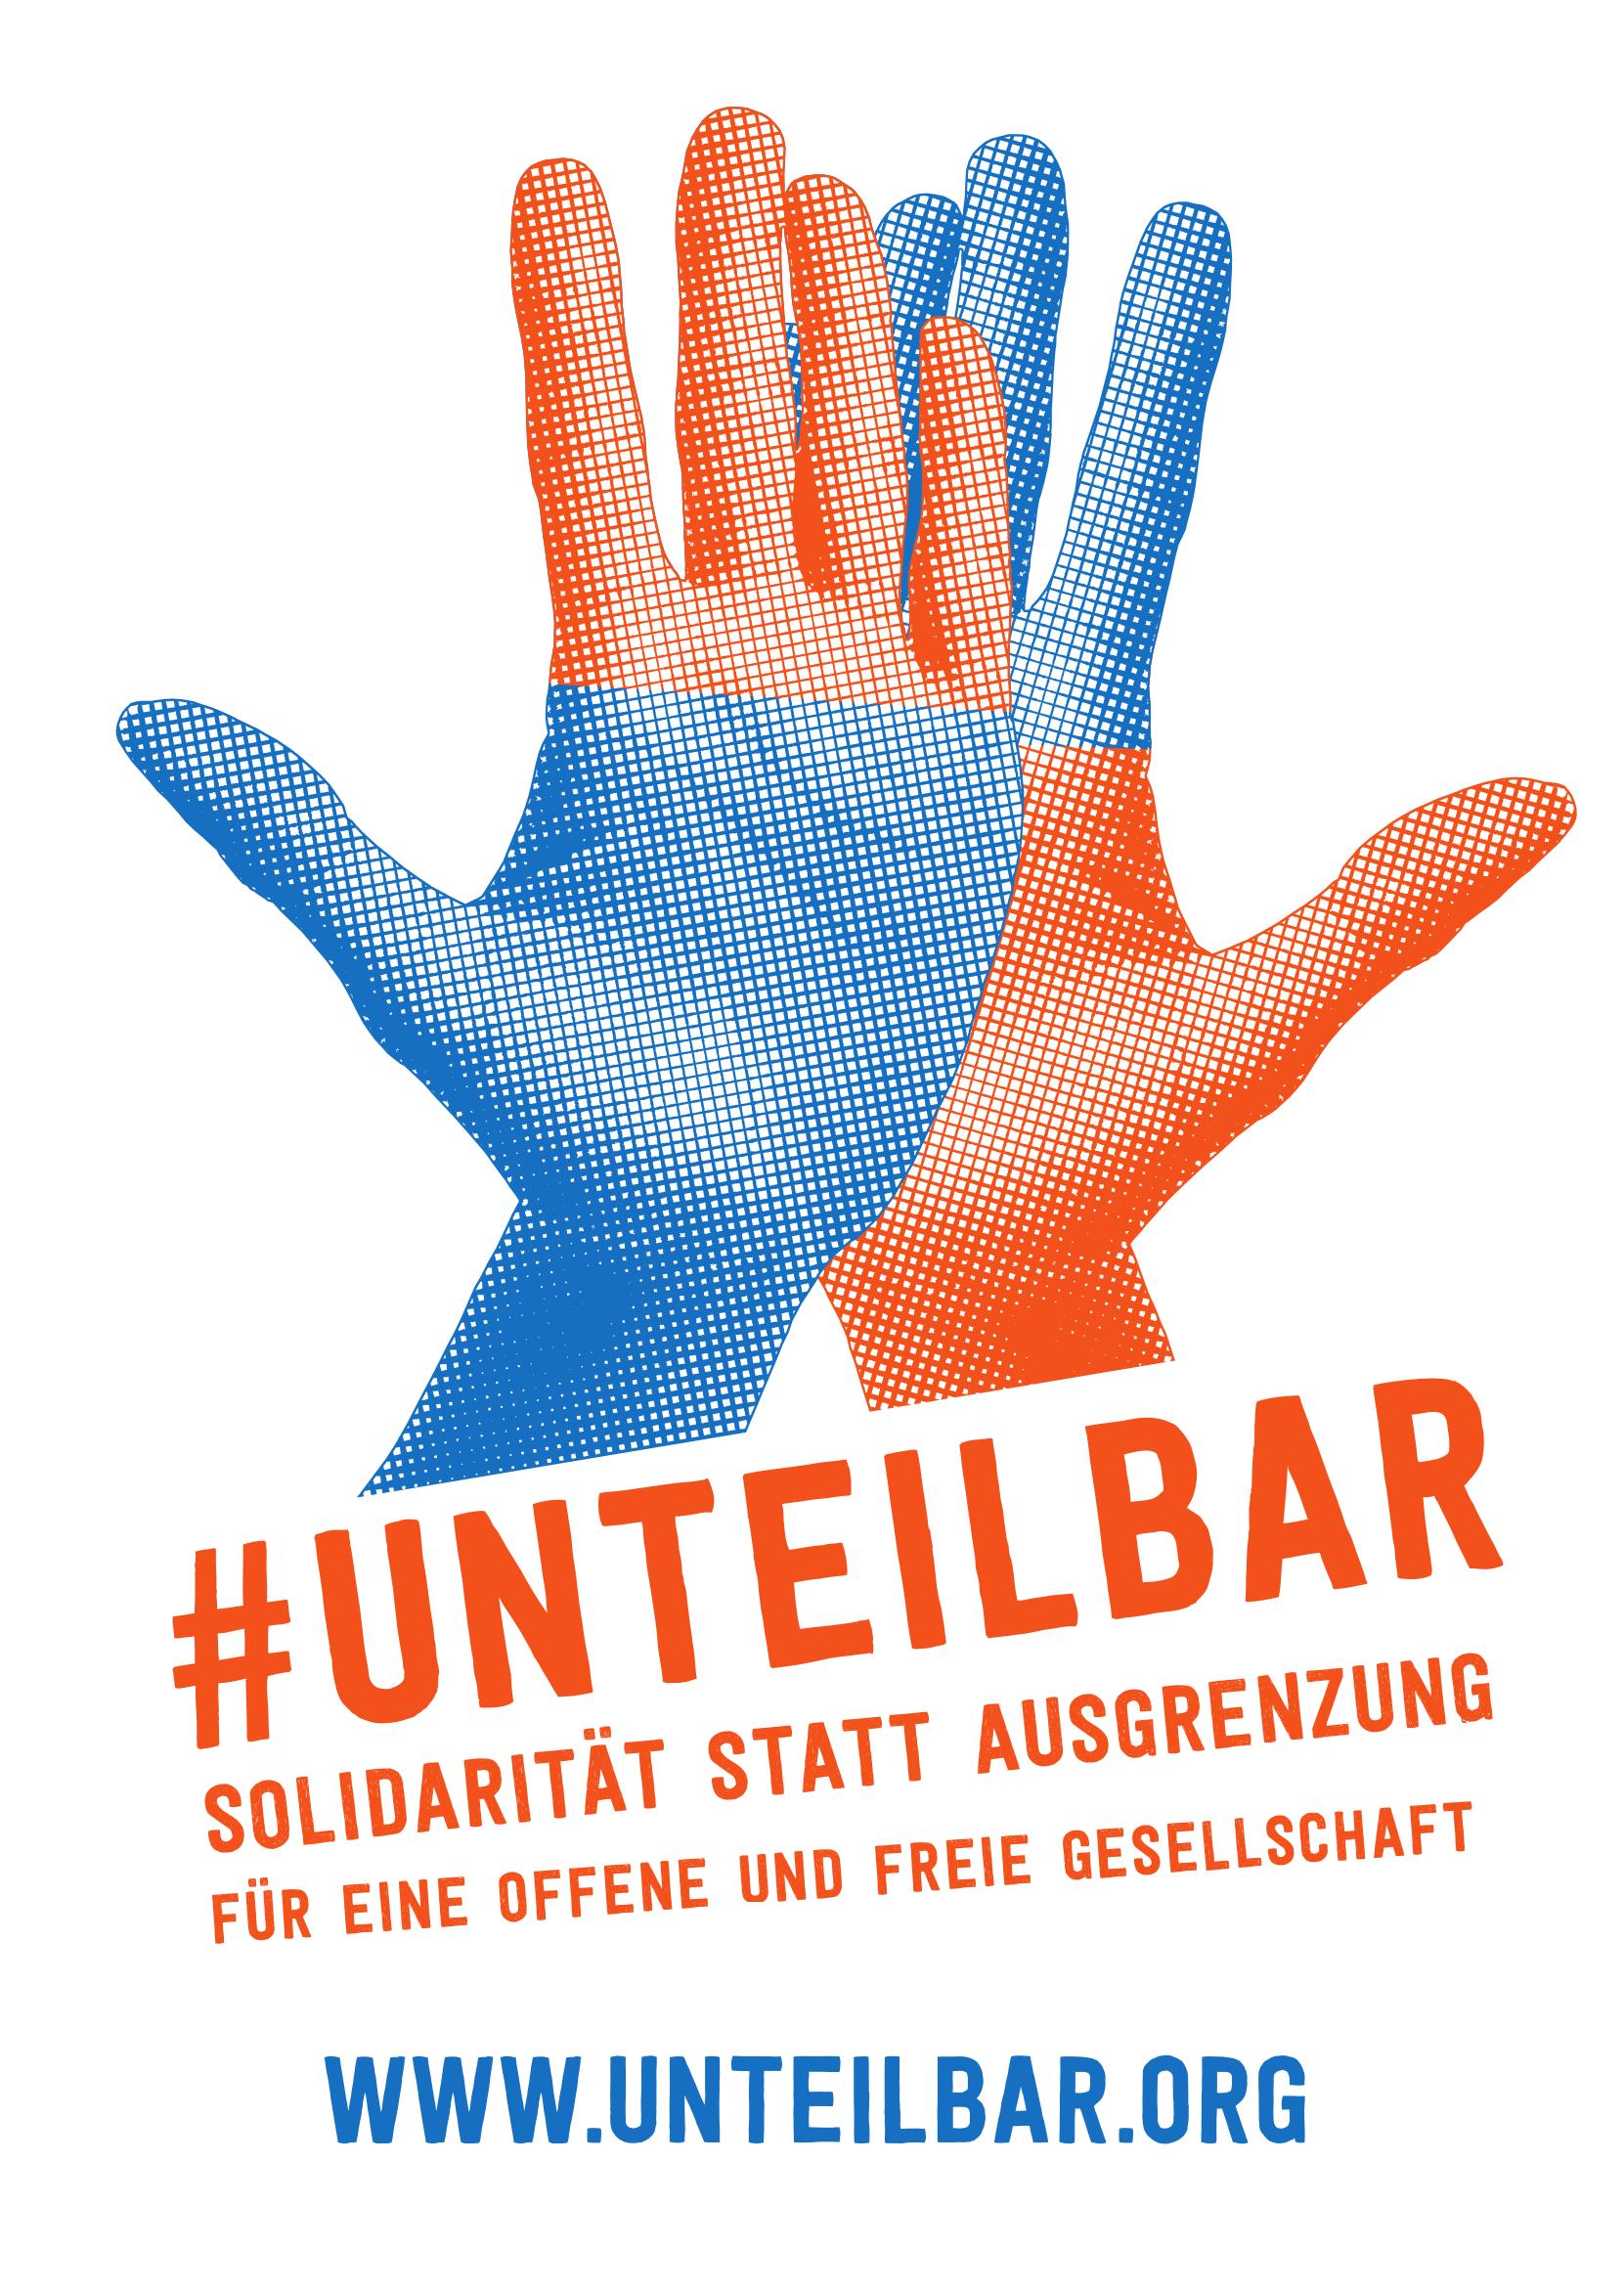 https://www.unteilbar.org/sogehtsolidarisch/